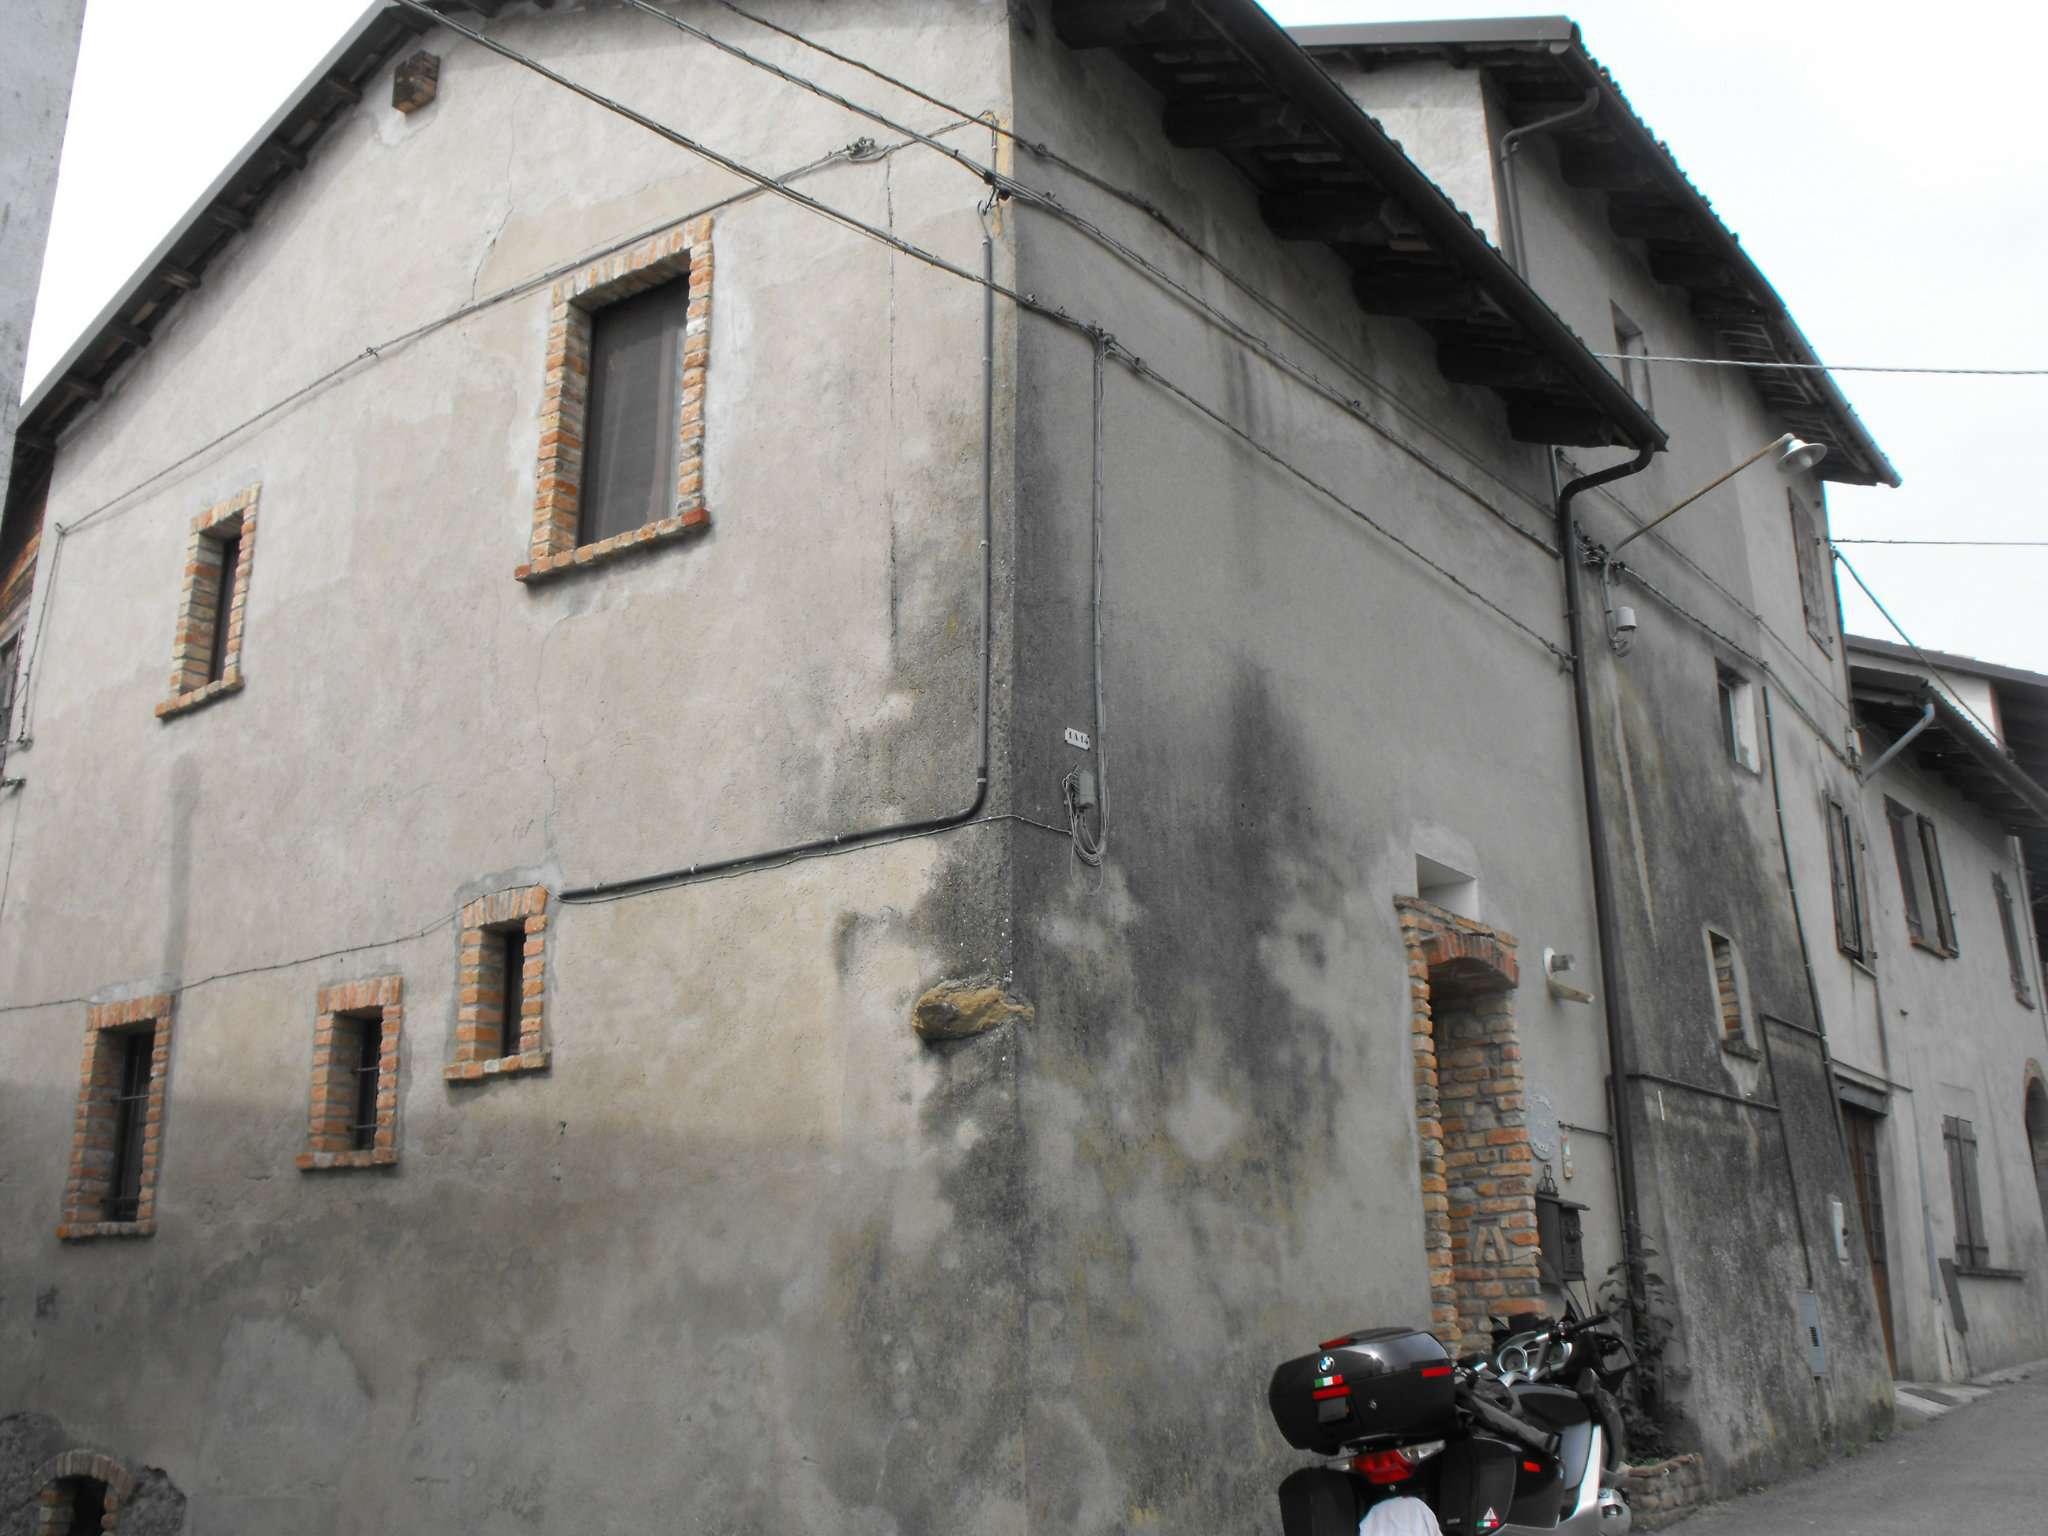 Palazzo / Stabile in vendita a Piovà Massaia, 20 locali, prezzo € 100.000 | PortaleAgenzieImmobiliari.it